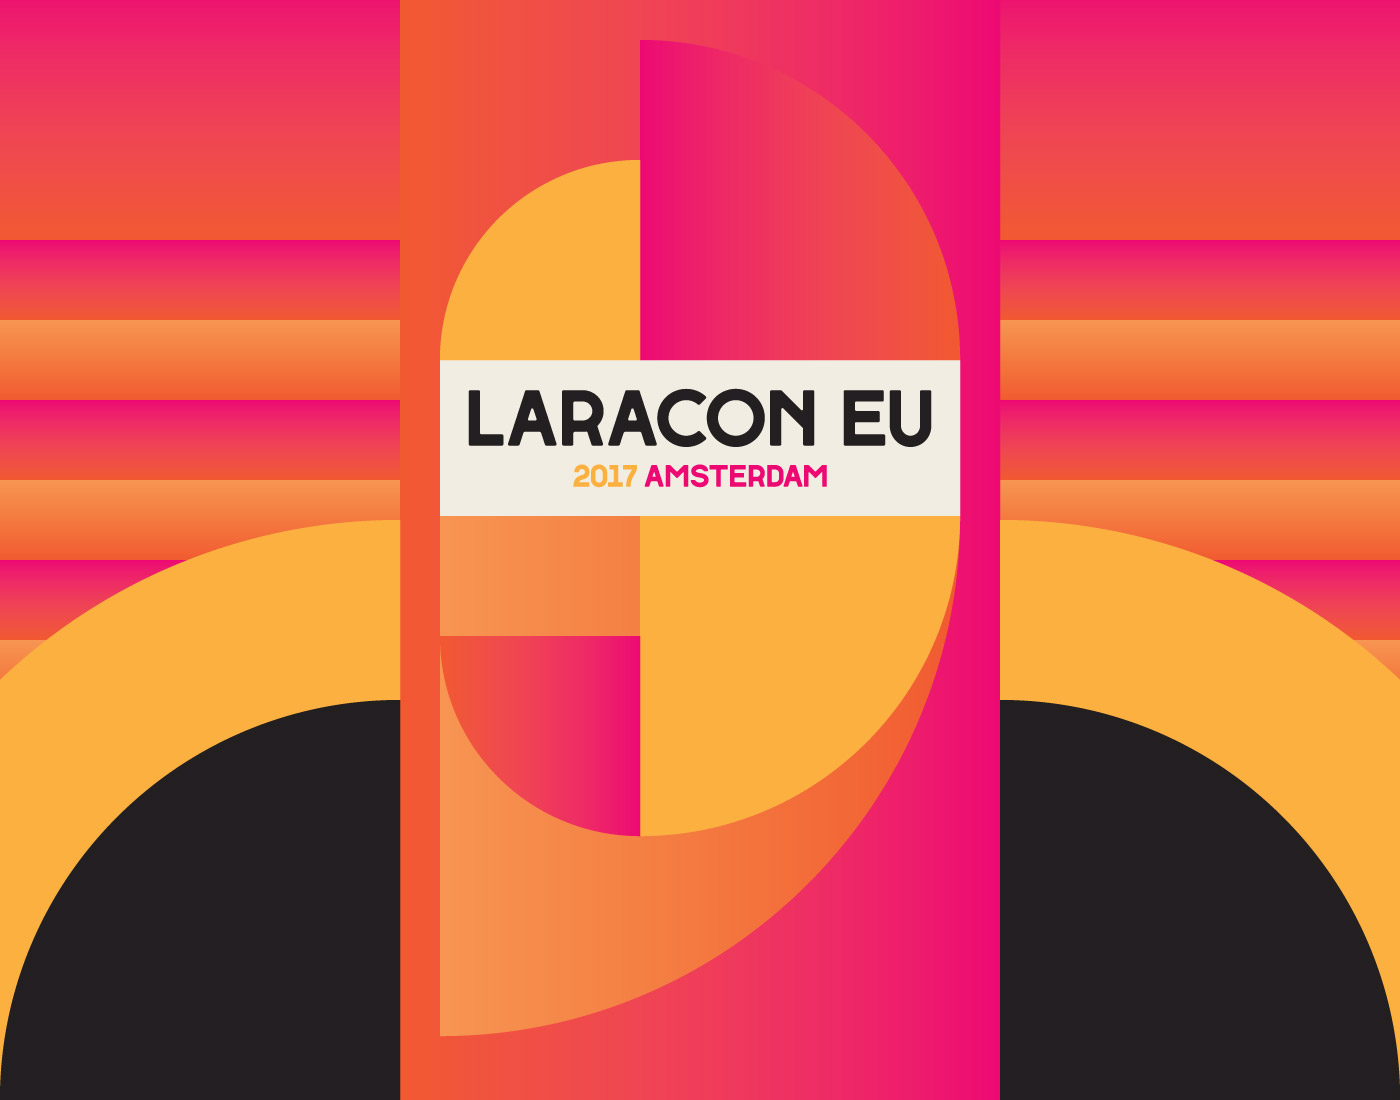 Laracon EU 2017-09